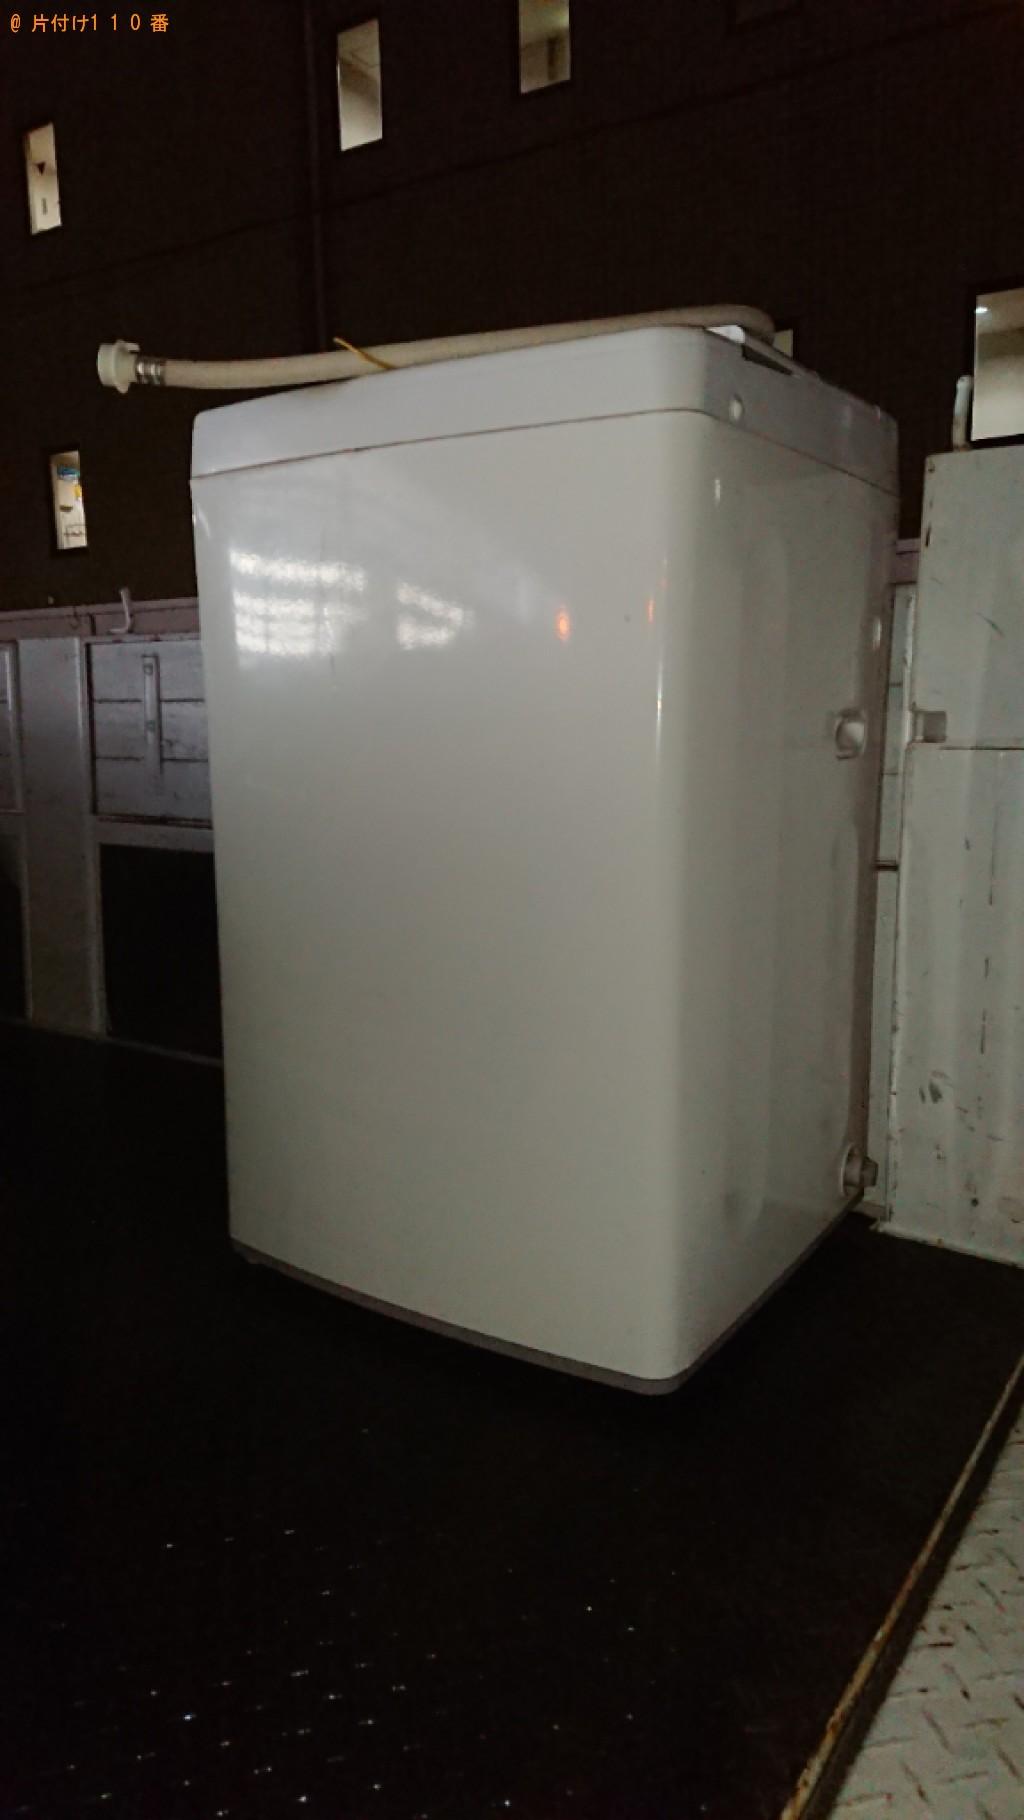 【足立区】洗濯機の出張不用品回収・処分ご依頼 お客様の声